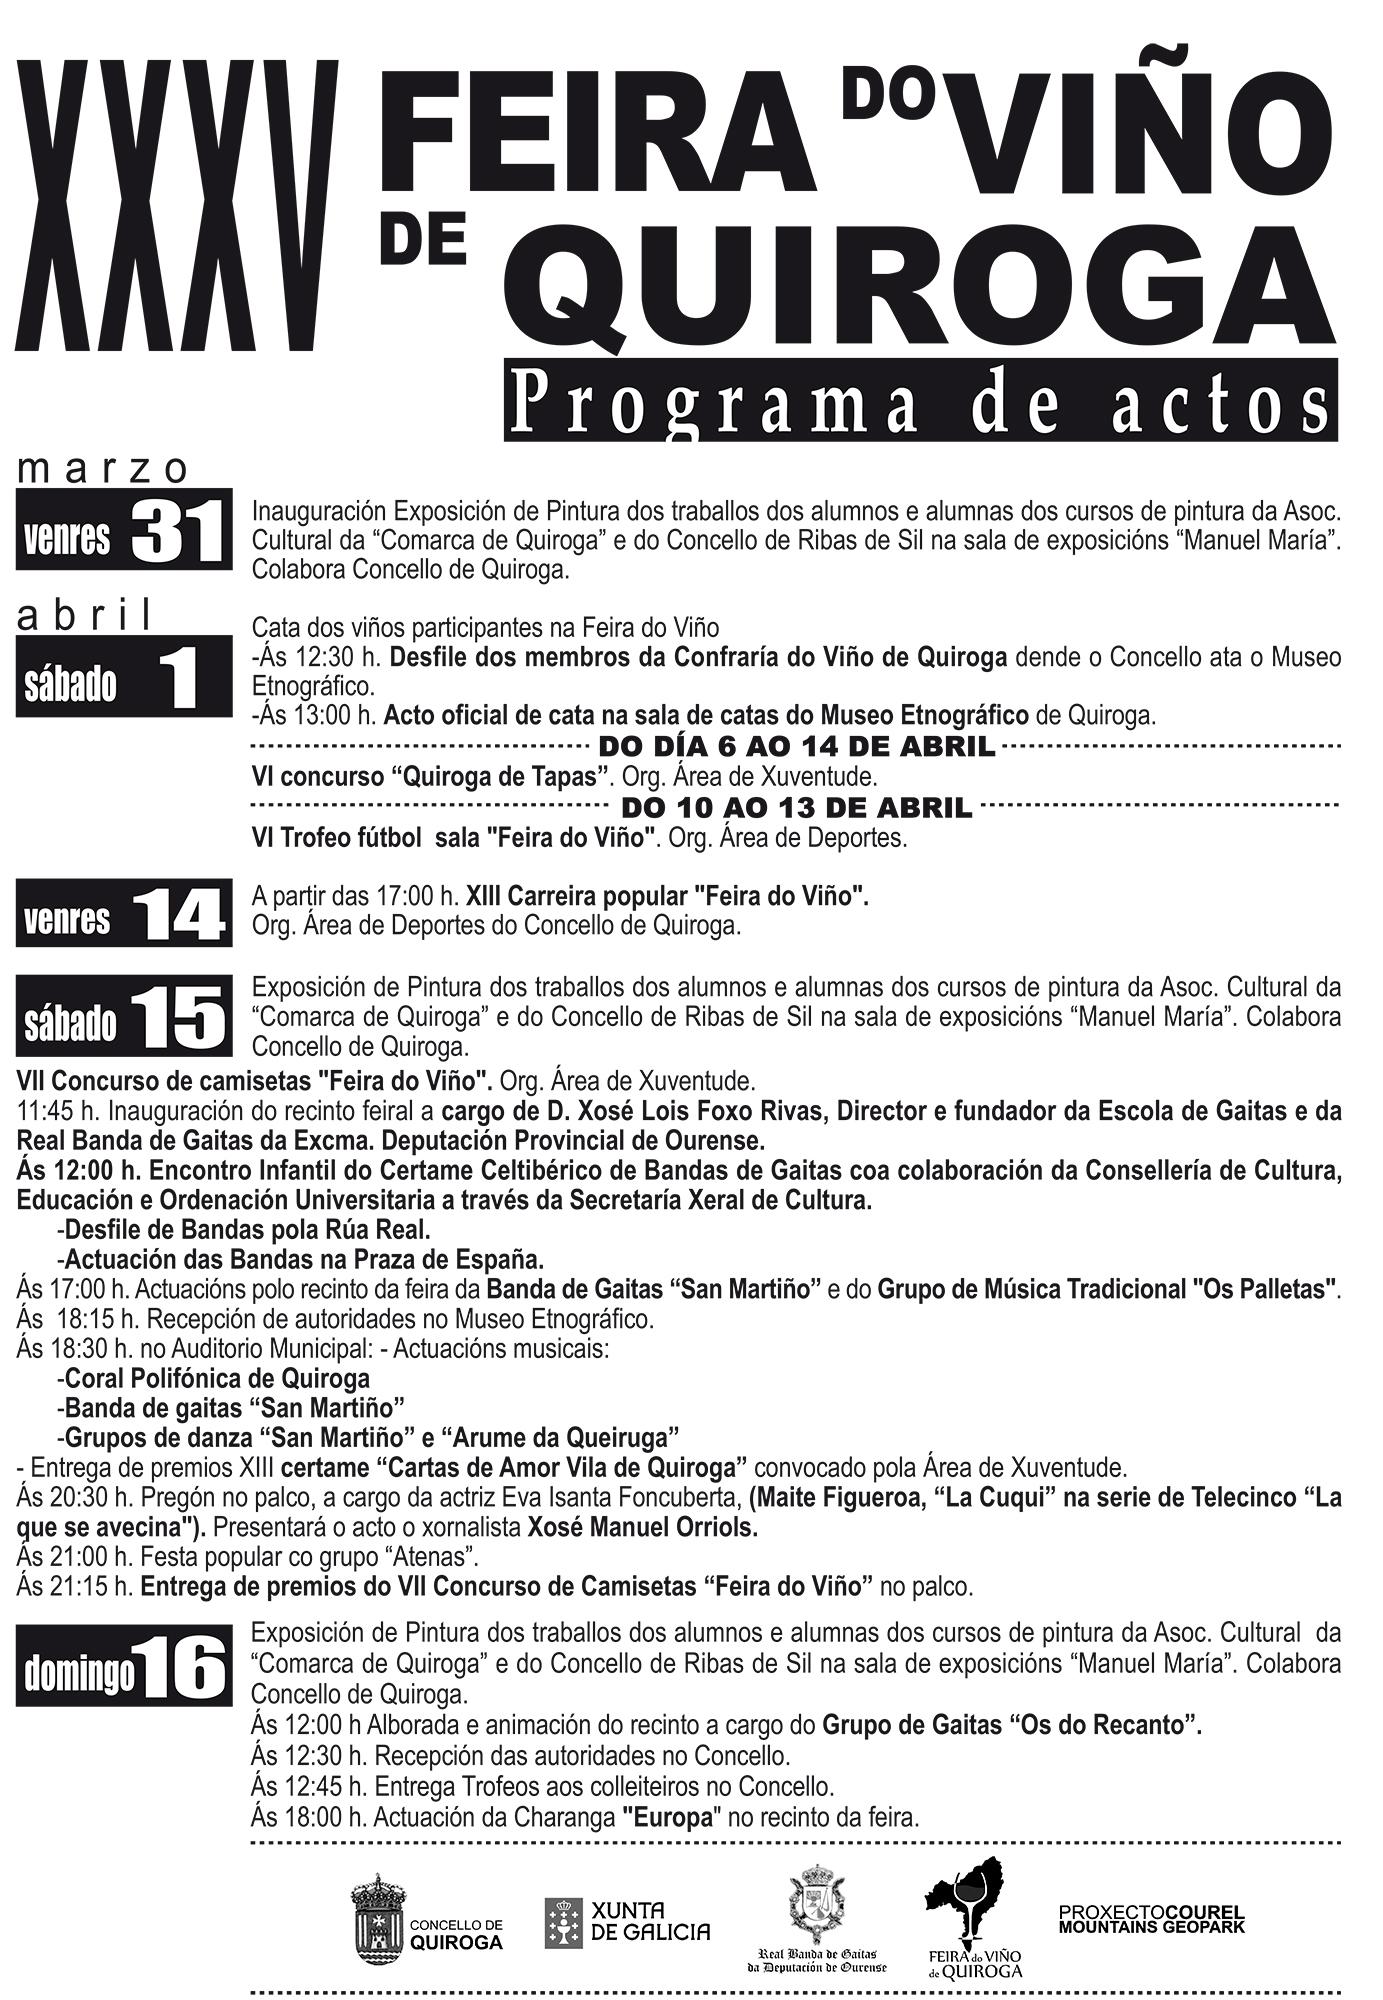 Cartel do programa de actos da XXXV Feira do Vino de Quiroga